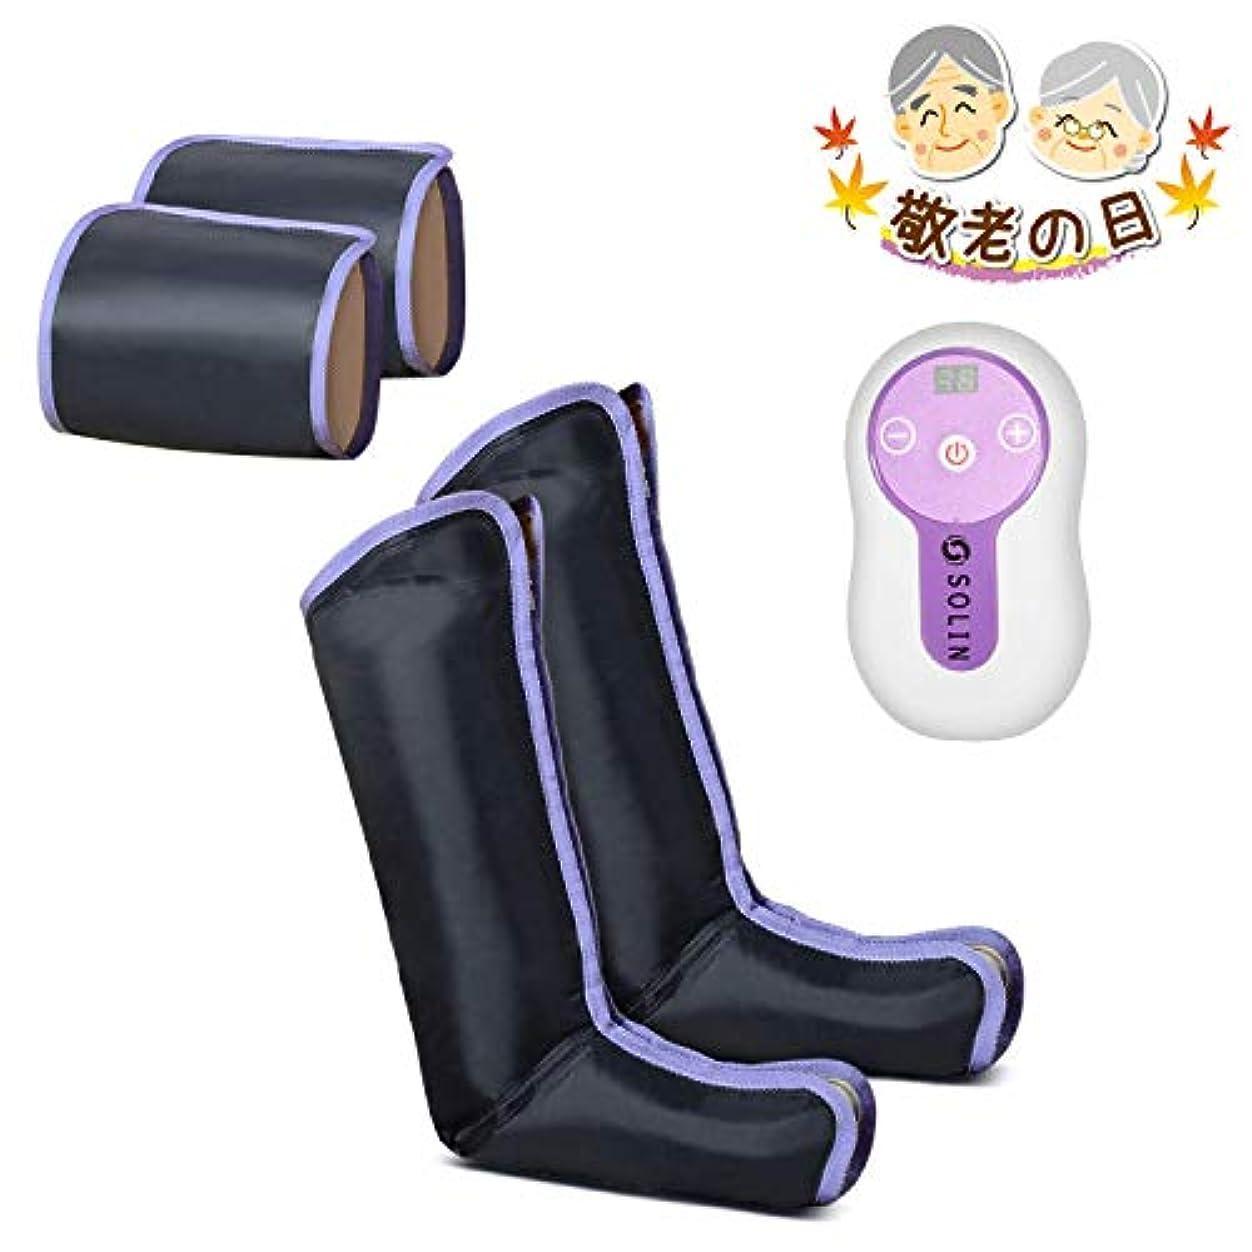 励起接地不快フットマッサージャー 母の日 エアーマッサージャー ひざ/太もも巻き対応 家庭用 空気圧縮 フットケア